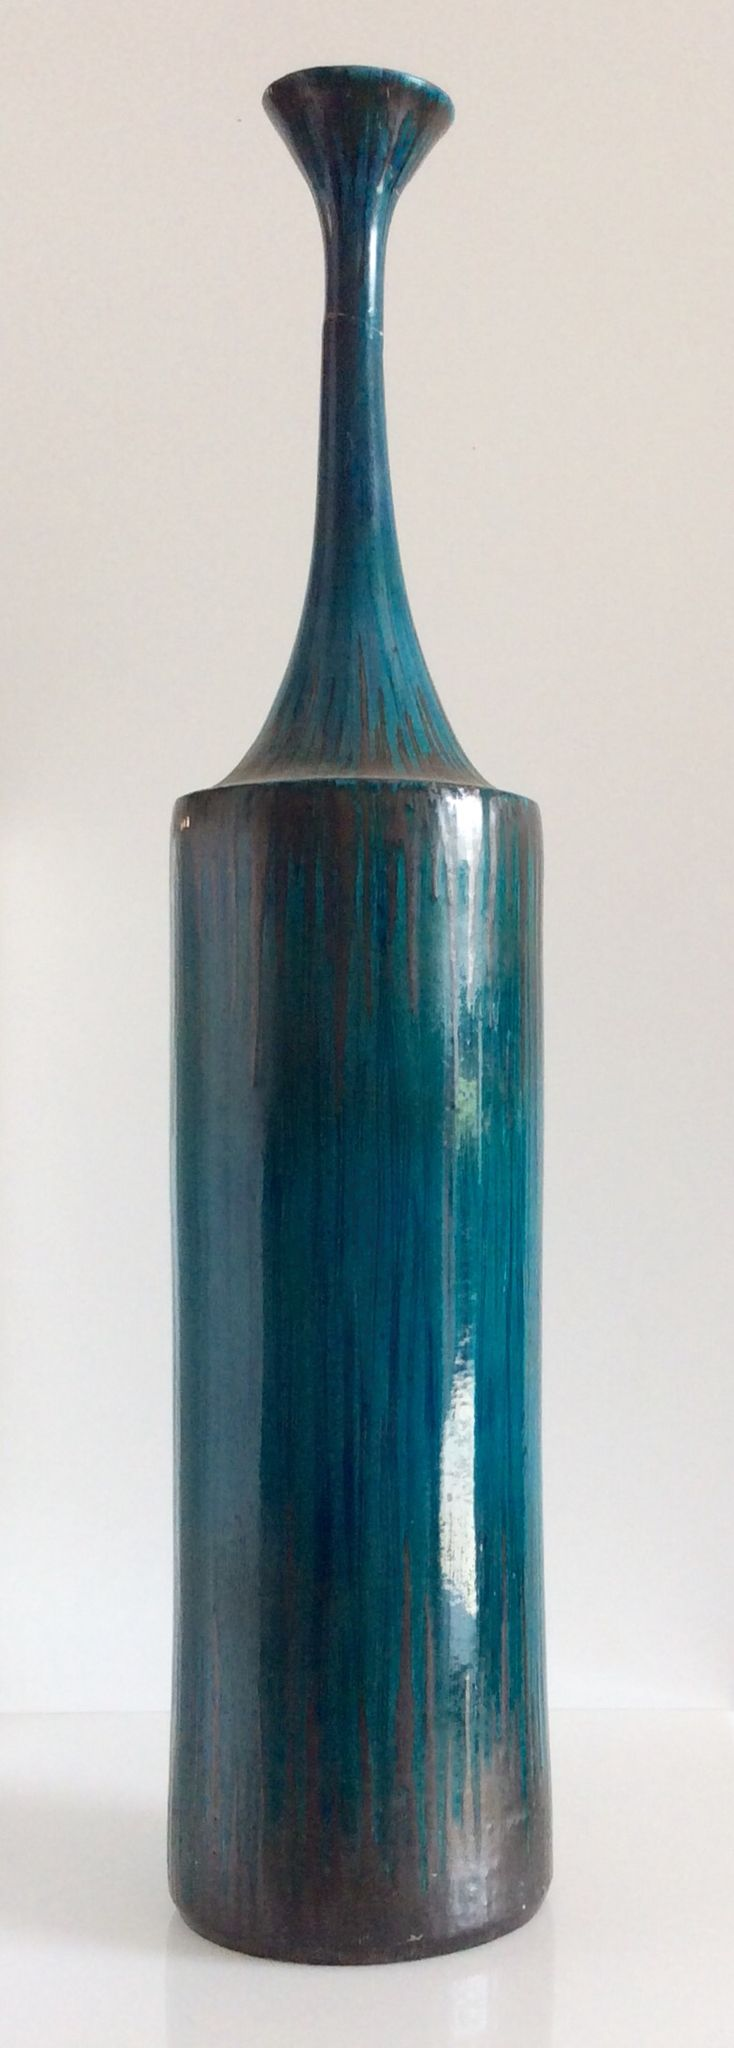 Bottiglia in terracotta smaltata color turchese. H.cm.88xdiametro max.20.